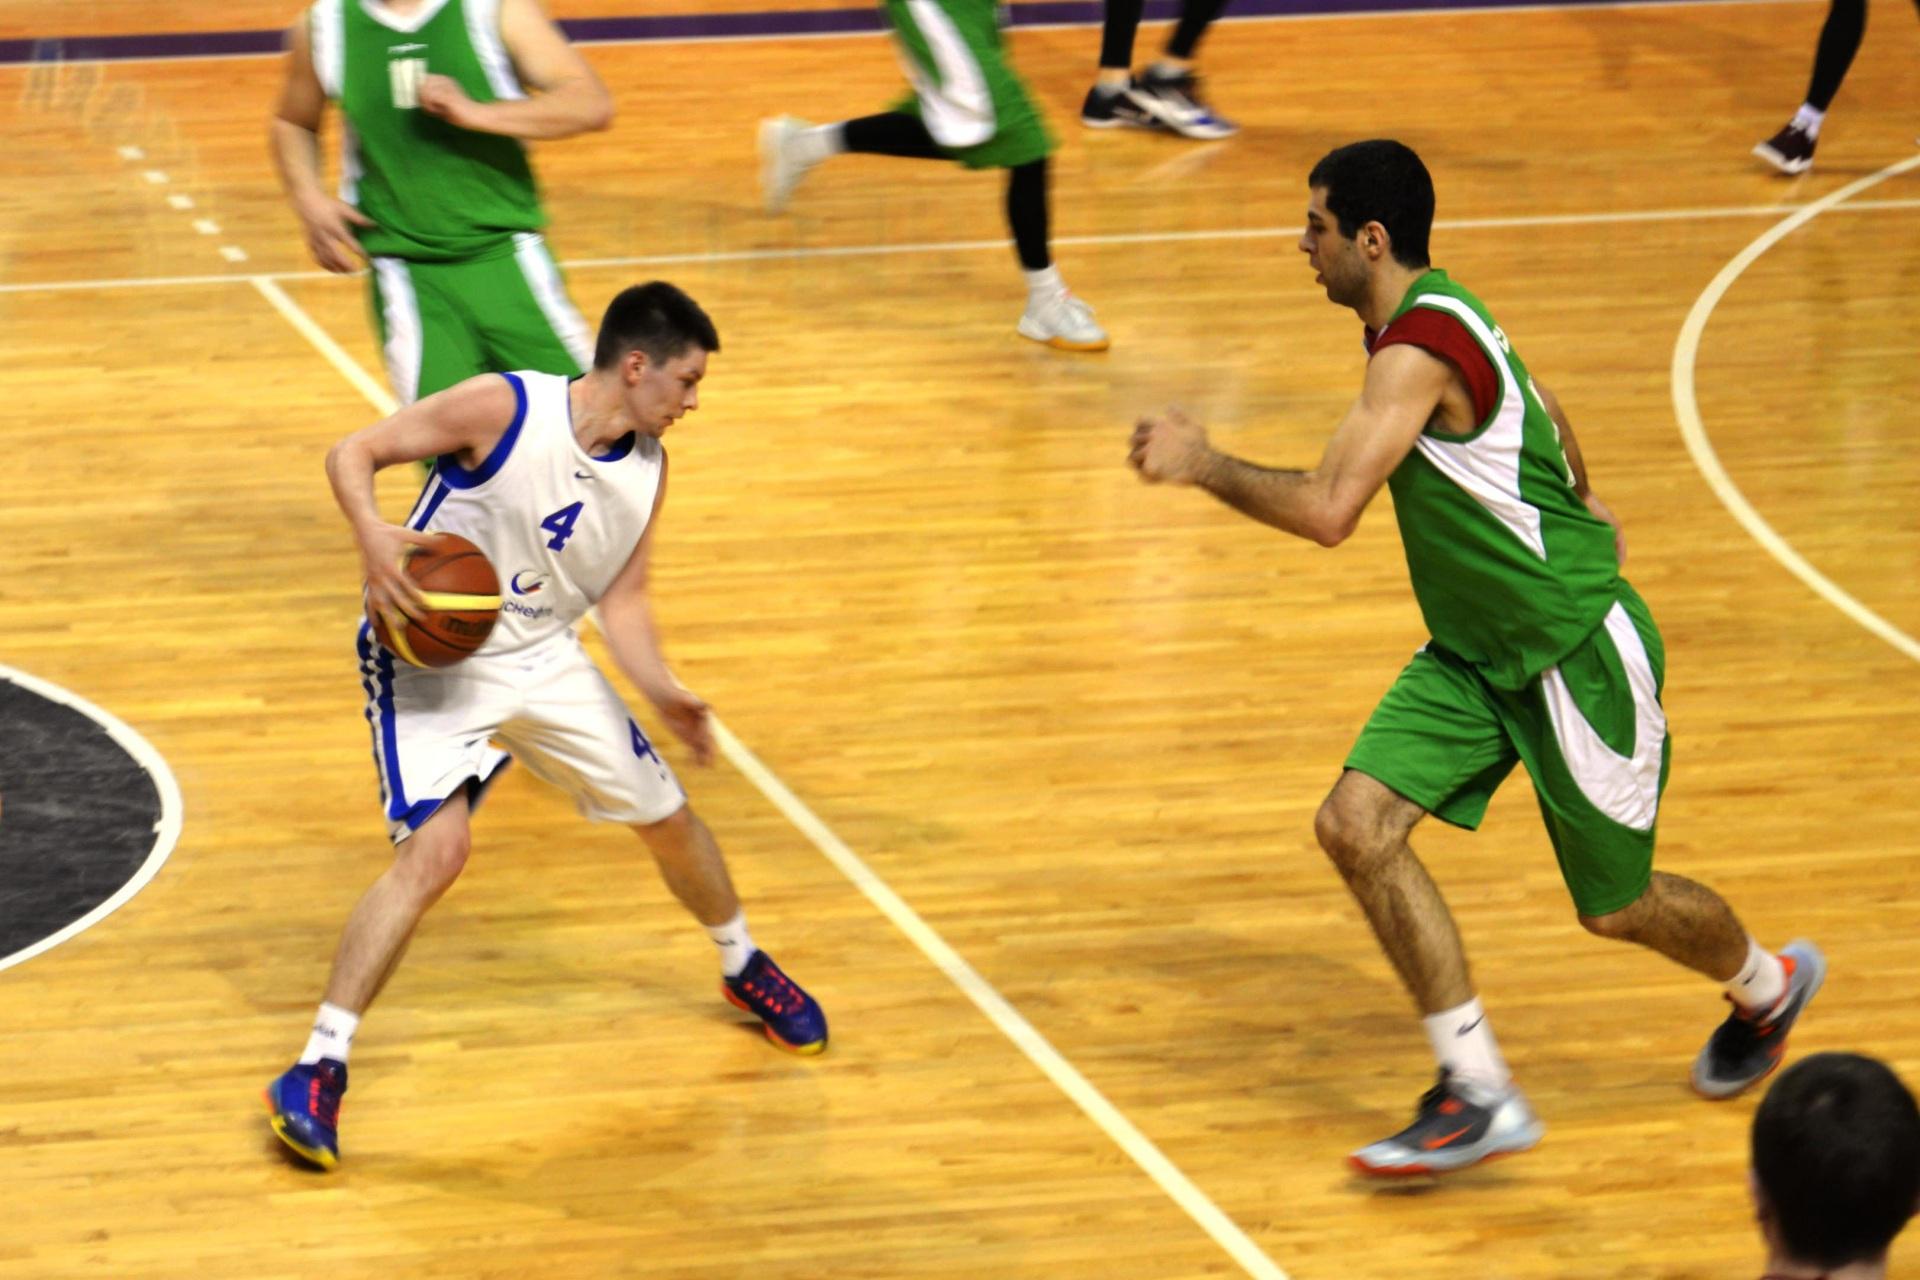 Баскетболисты АО